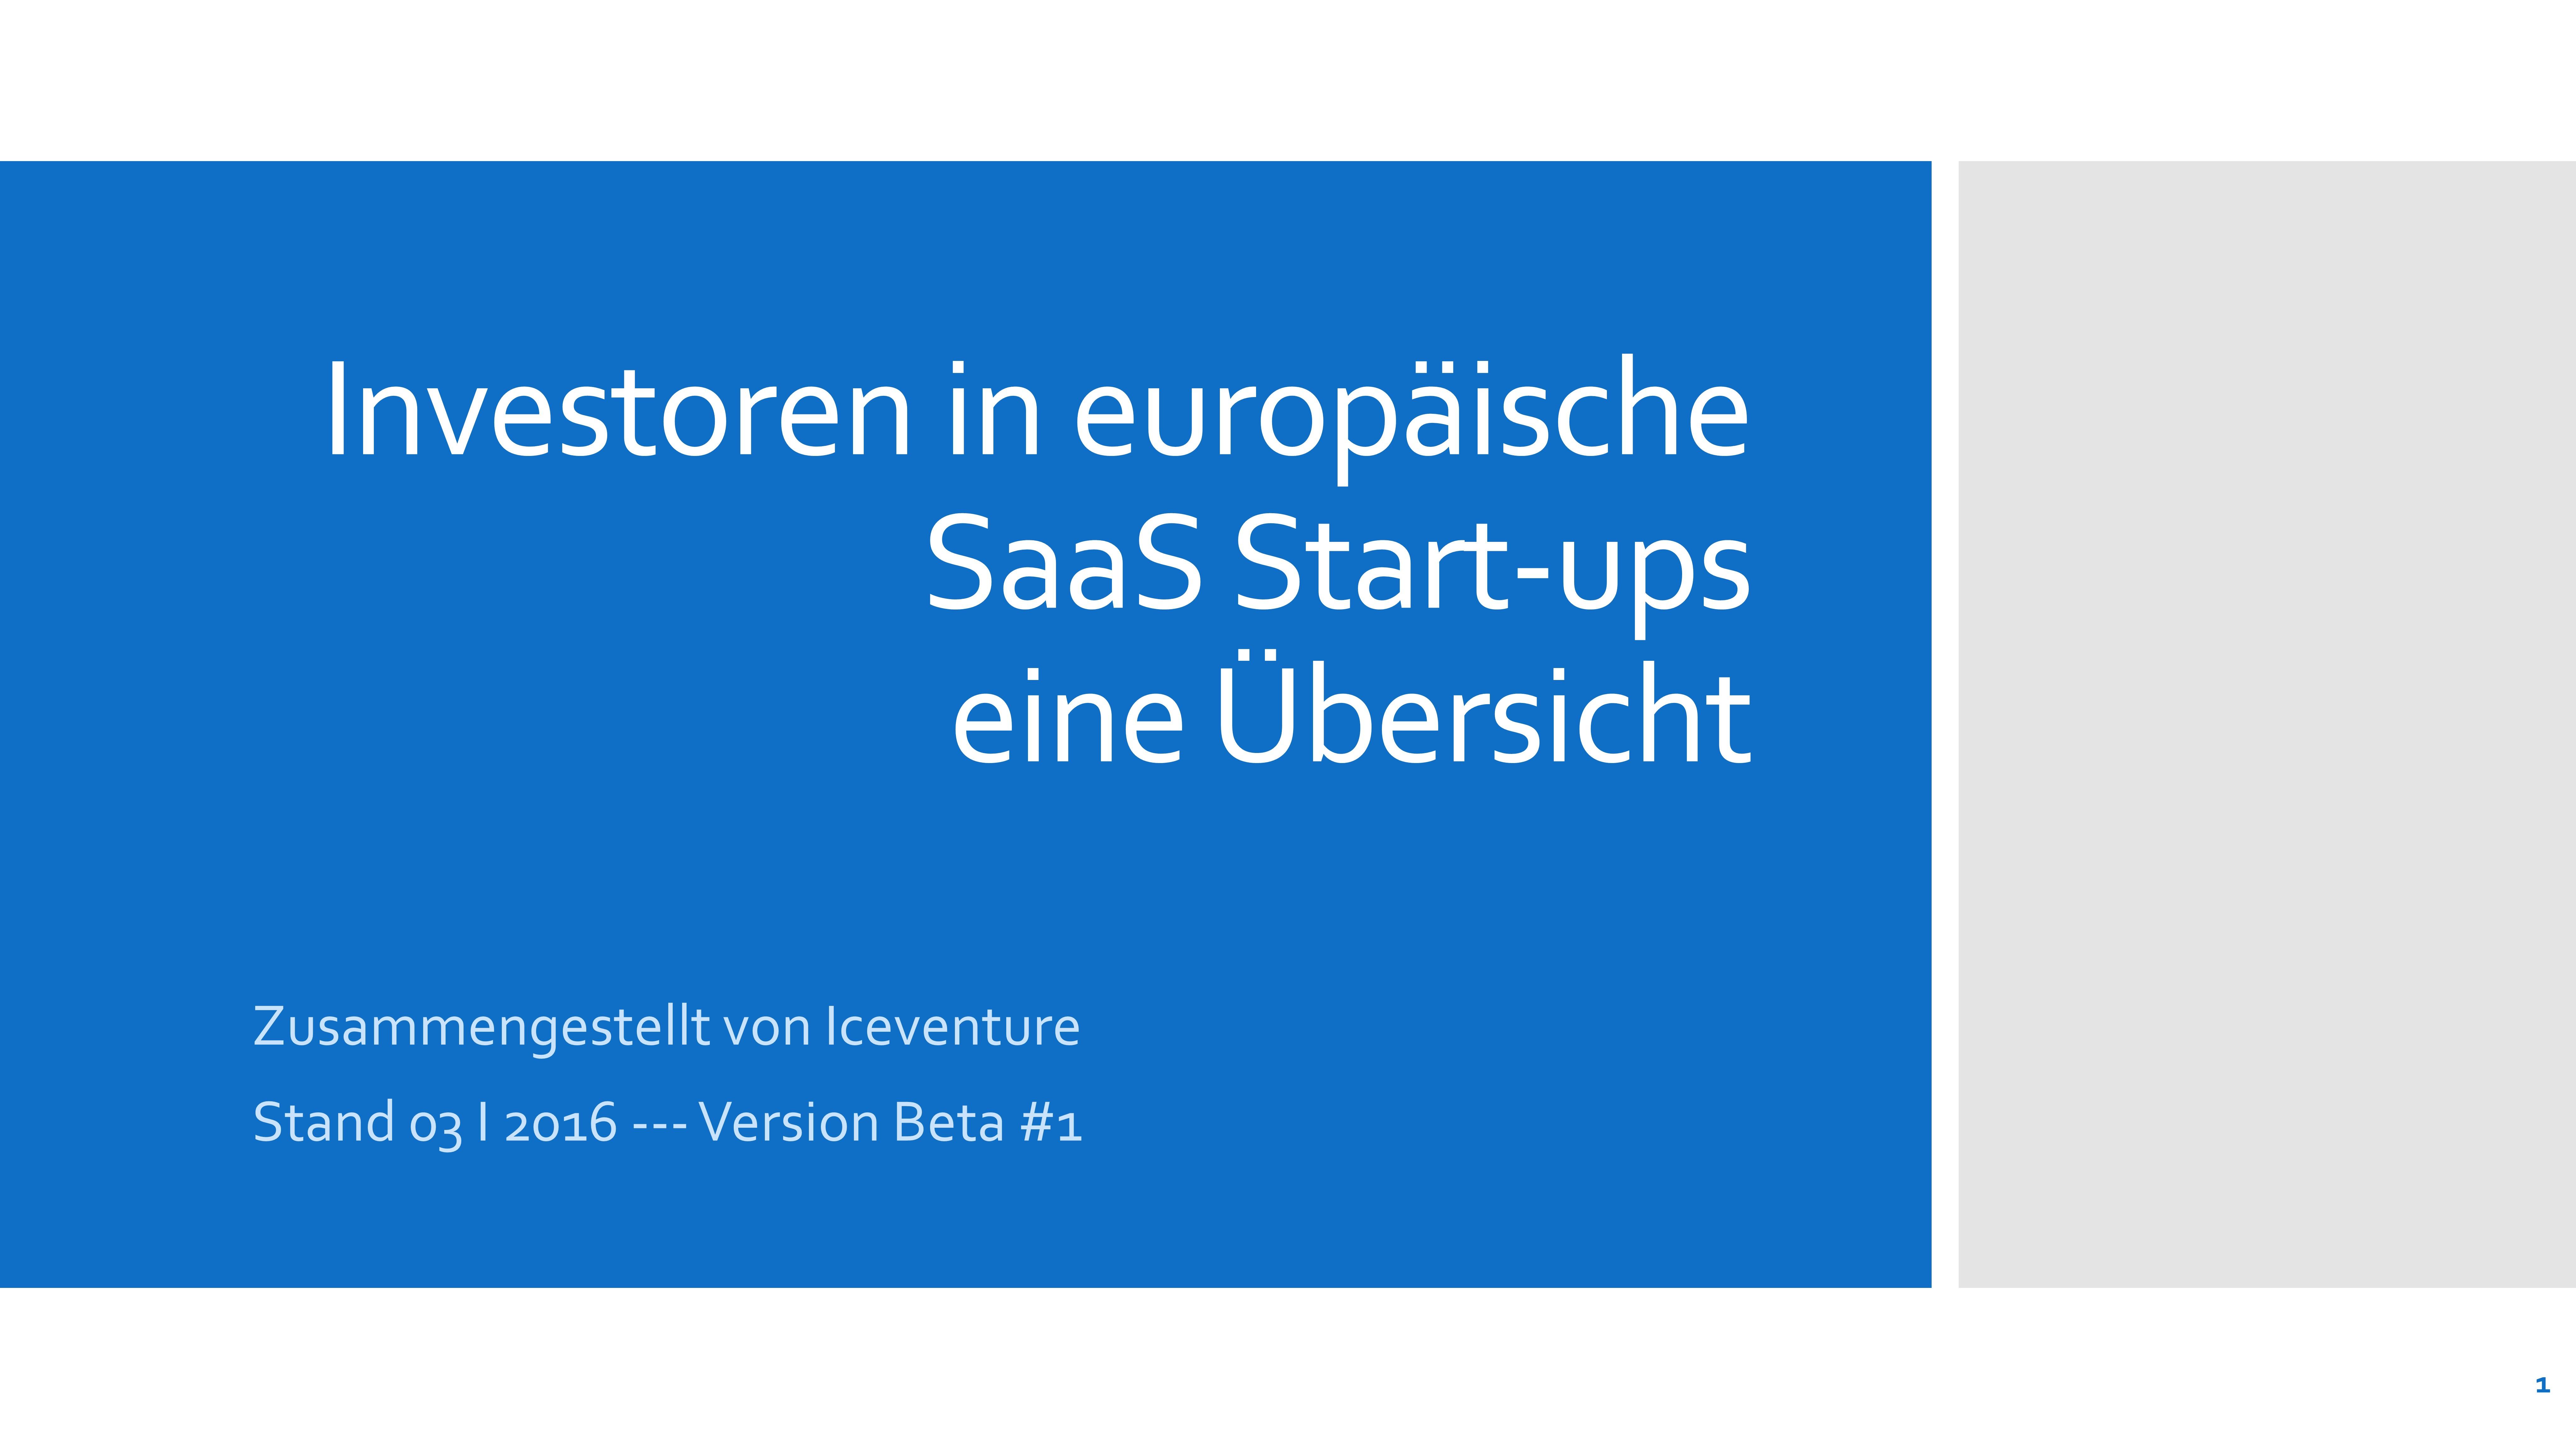 Übersicht SaaS Investoren Europa Software as a Service